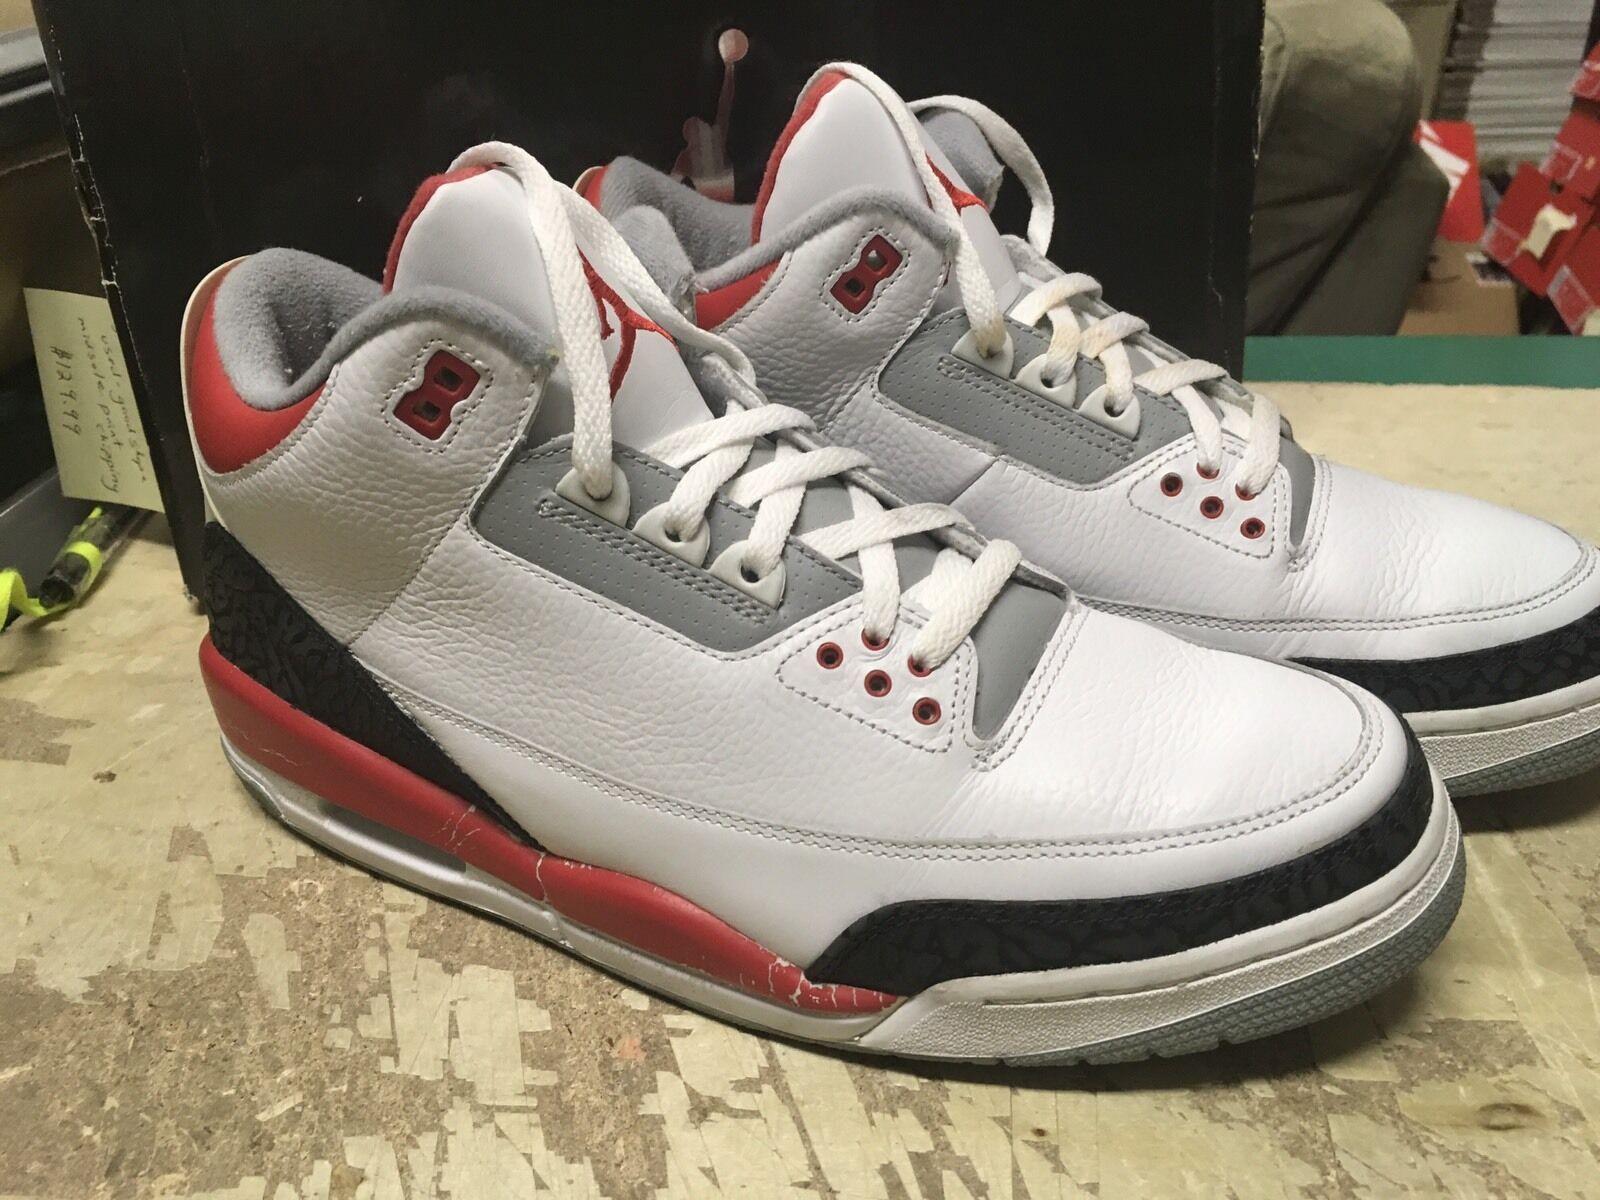 huge discount 7131b e210b Usa Hombre nike air Jordan III 3 Edicion retro 2018 Edicion 3 rojo fuego  136064 161 reducción de precios el último descuento zapatos para hombres y  mujeres ...